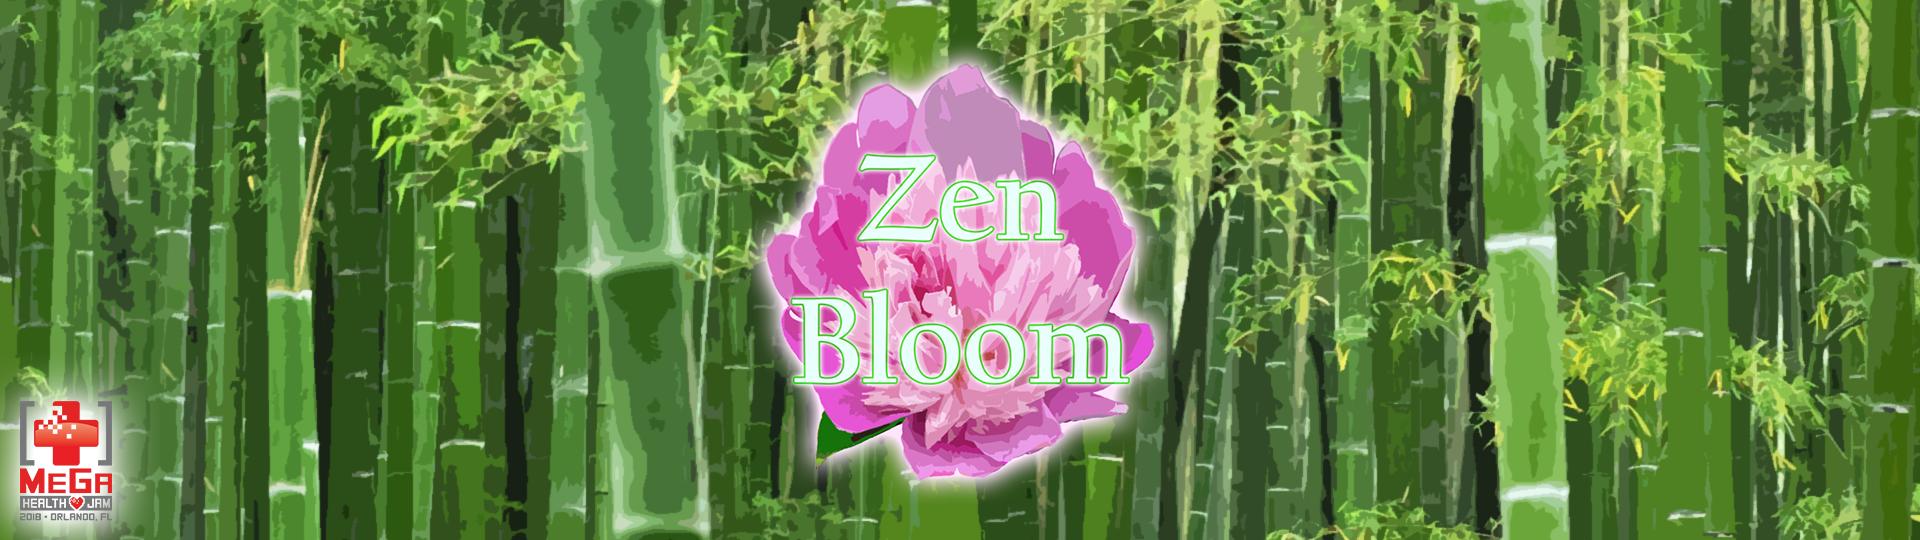 Zen Bloom